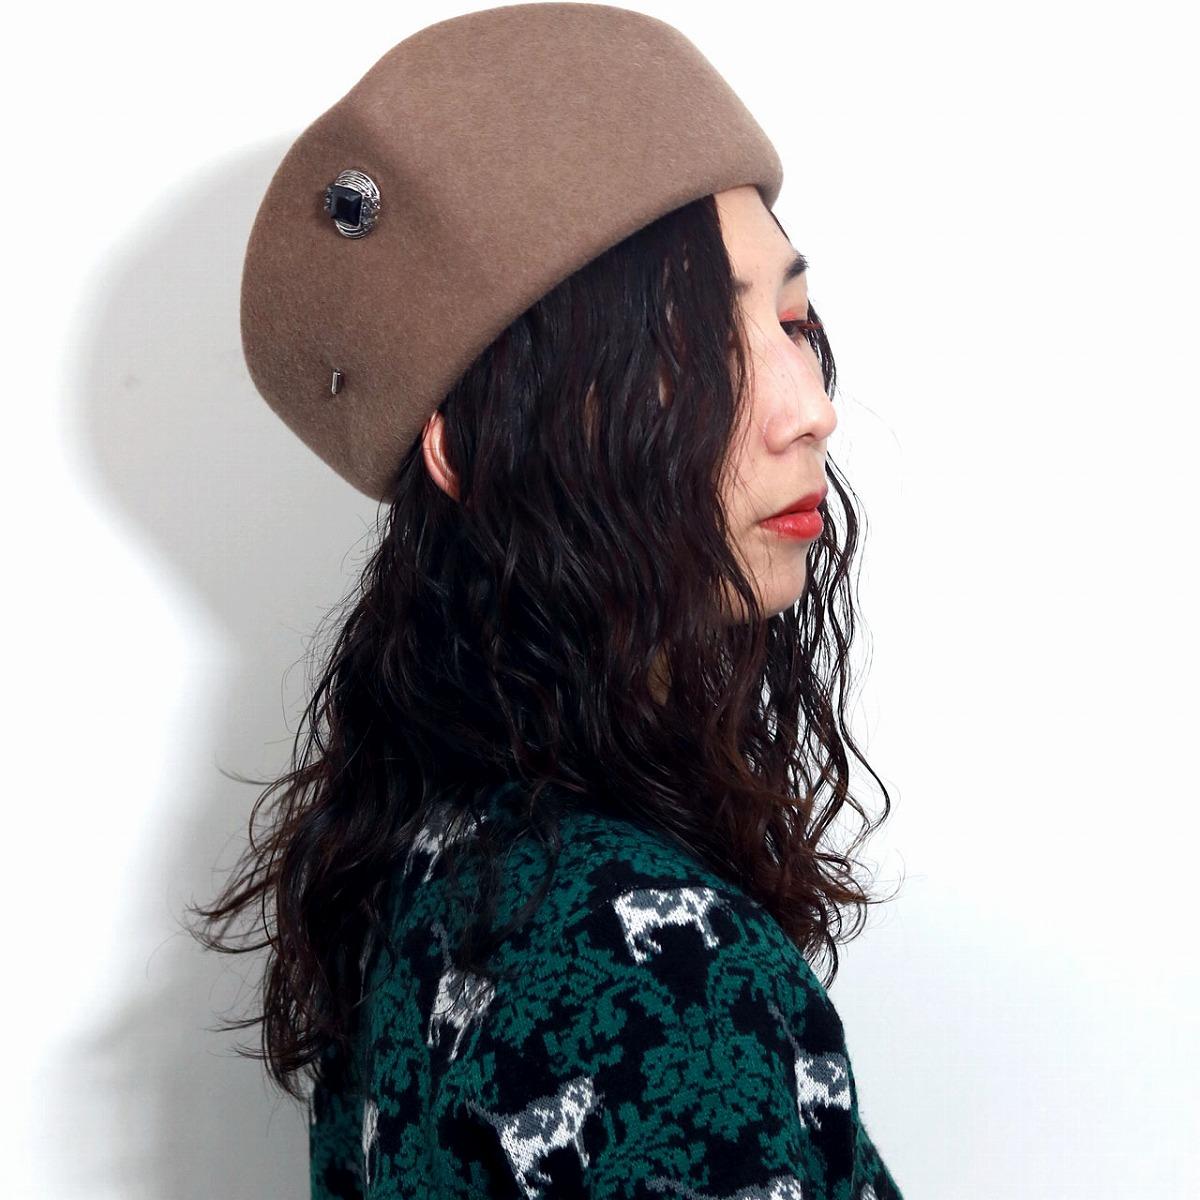 00622b09629ba8 ELEHELM HAT STORE: It is a gift Christmas present in Shin pull wool formal  dress GALLIANO SORBATTI talking hat talking hat beige Mocha [hat] Mother's  Day ...